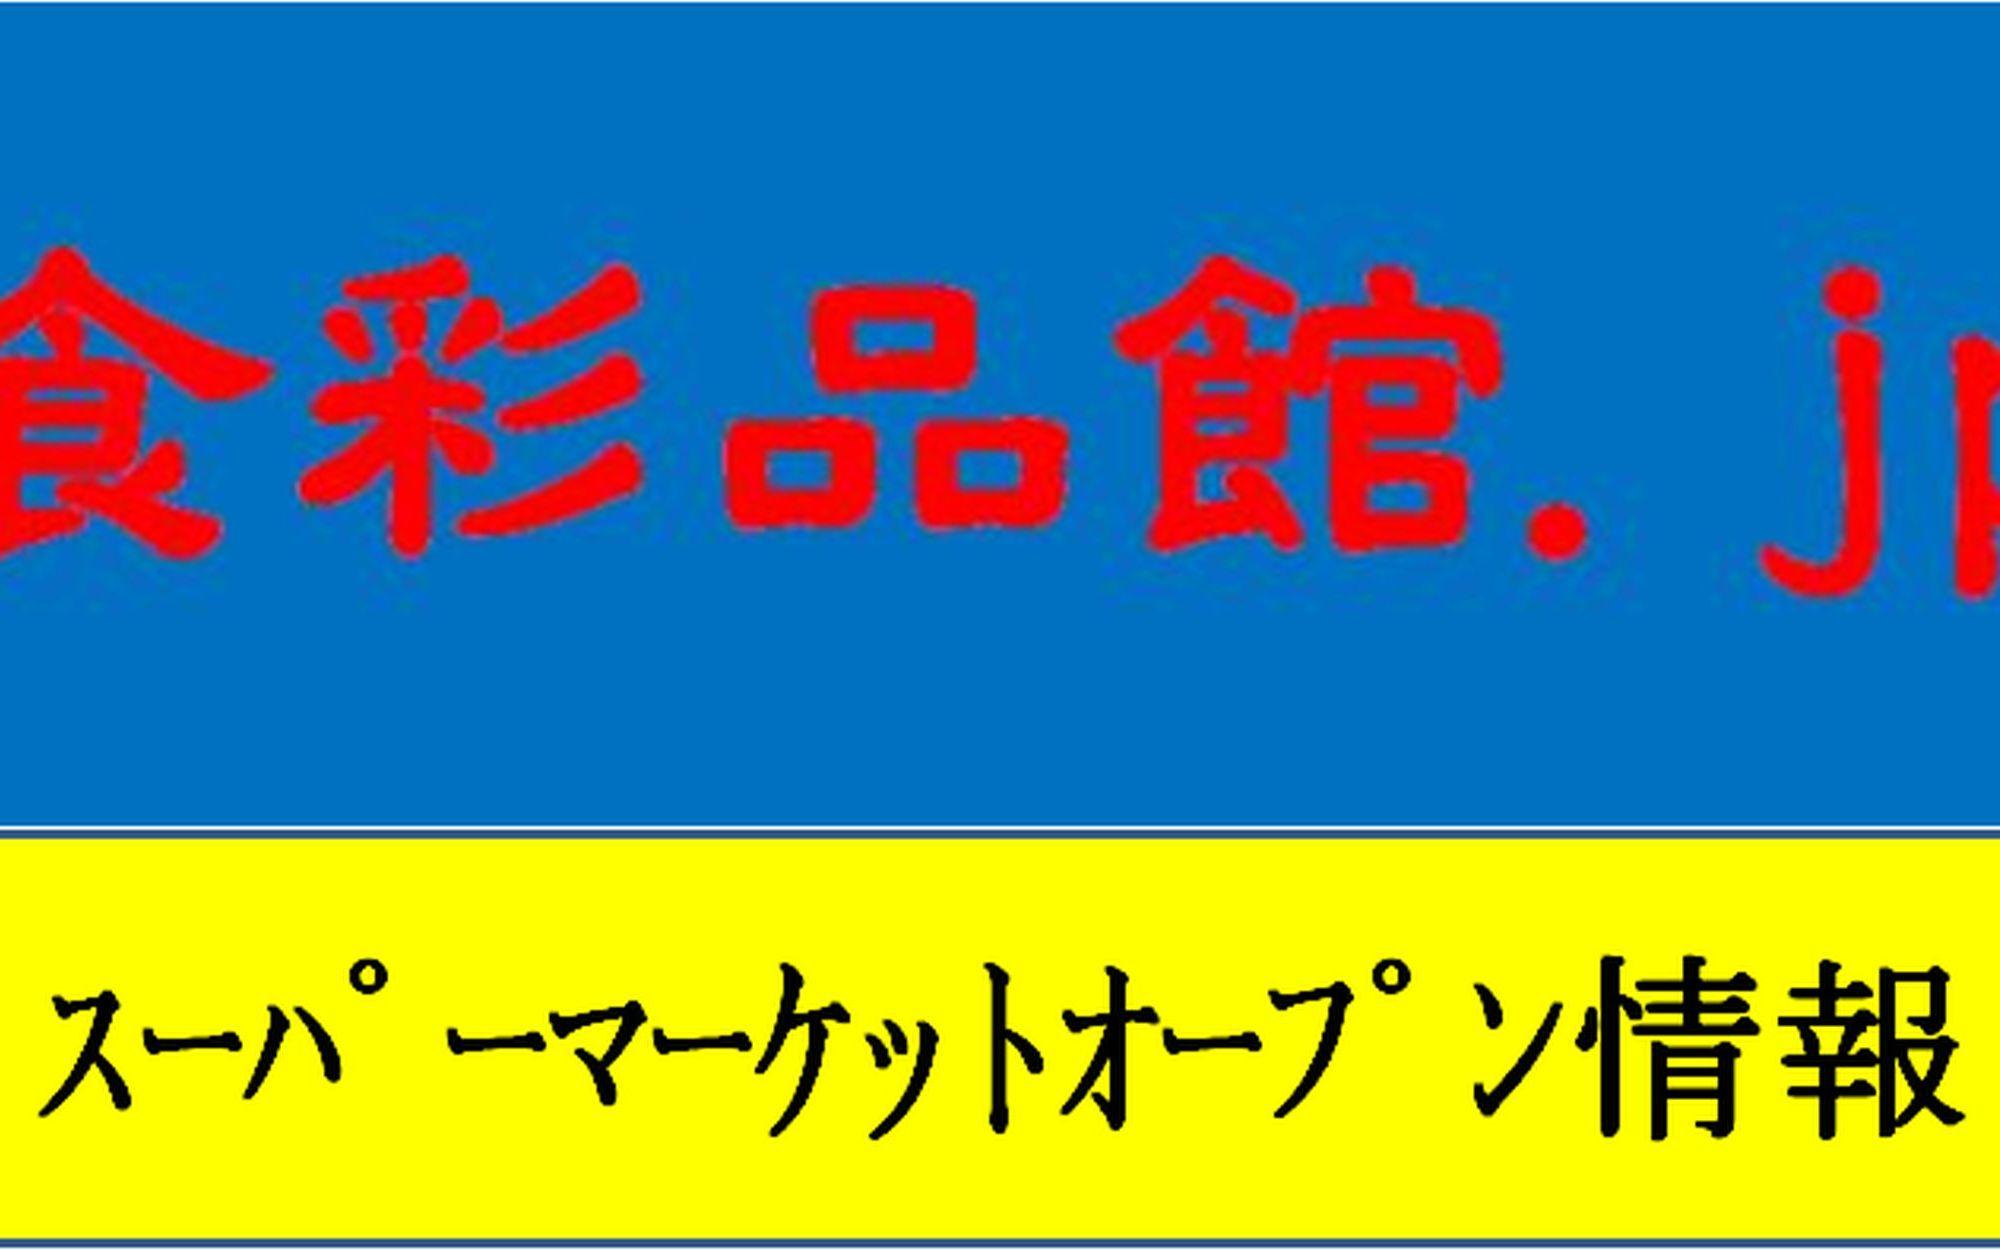 エーコープ近畿ハートフル五條(Aコープ,奈良県五條市)2020年4月1日リニューアルオープン